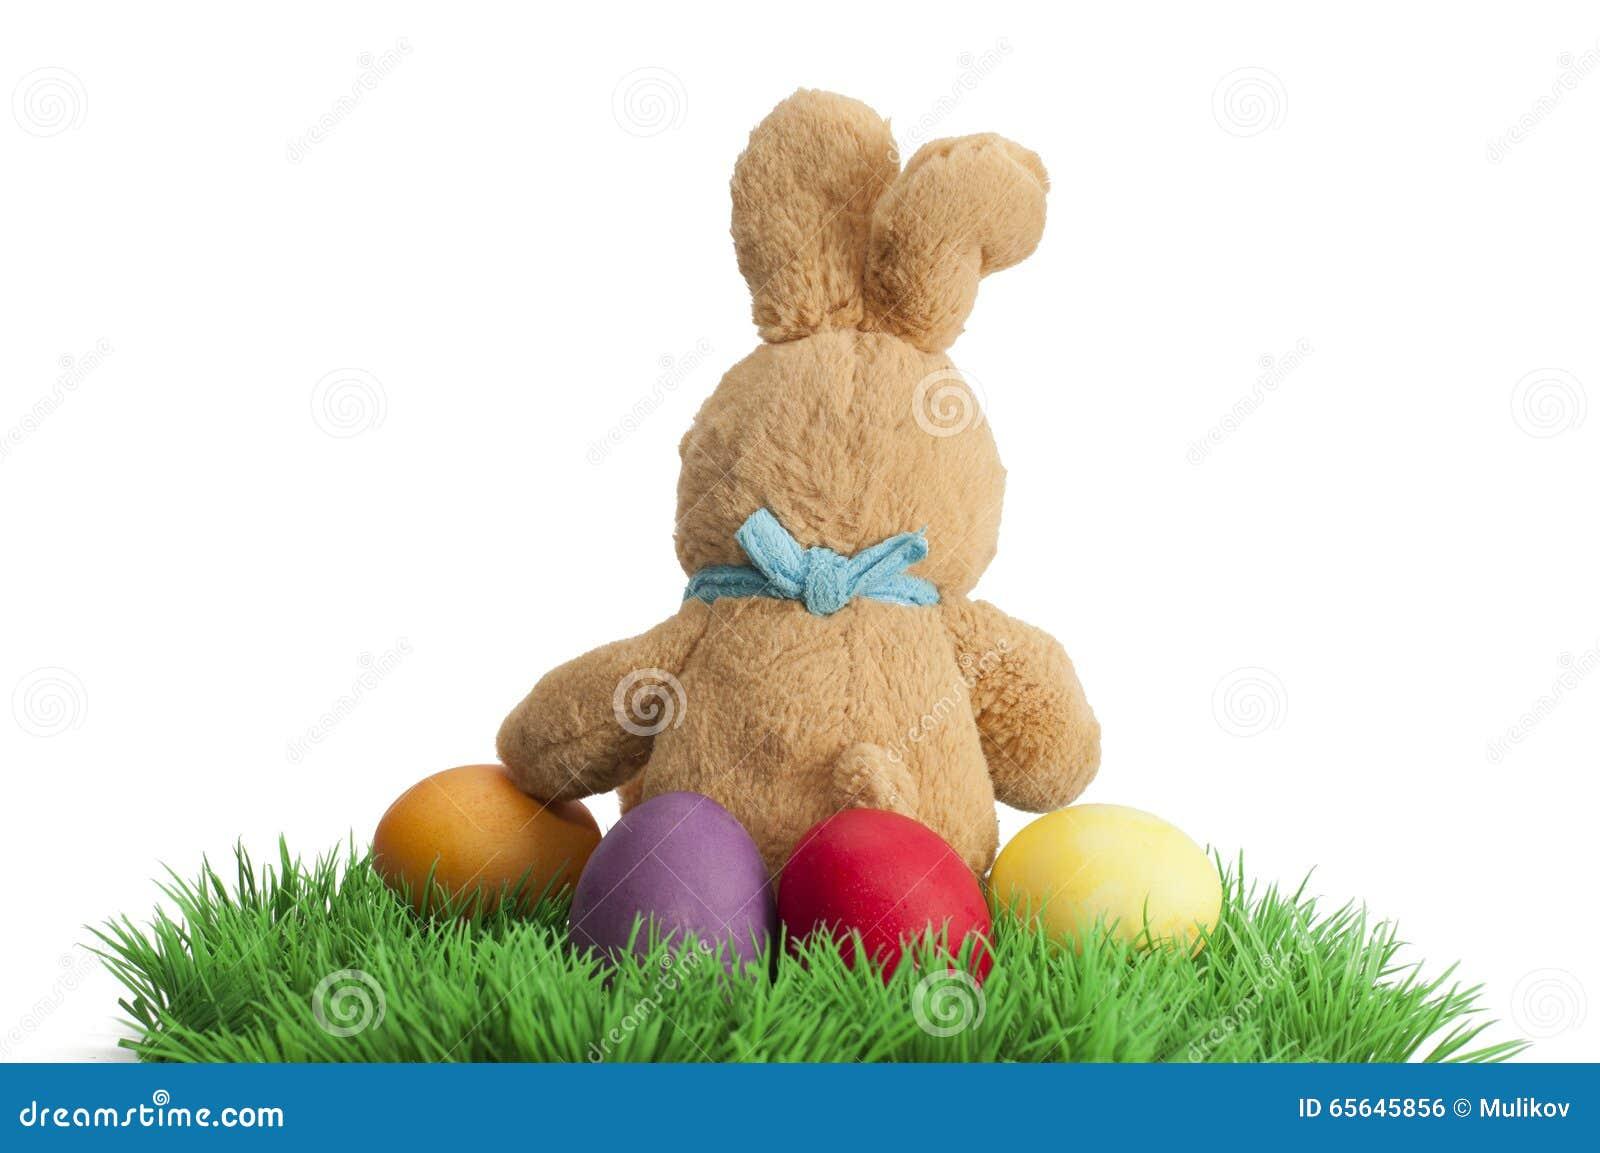 Lapin fait main de Pâques avec des oeufs dans le panier